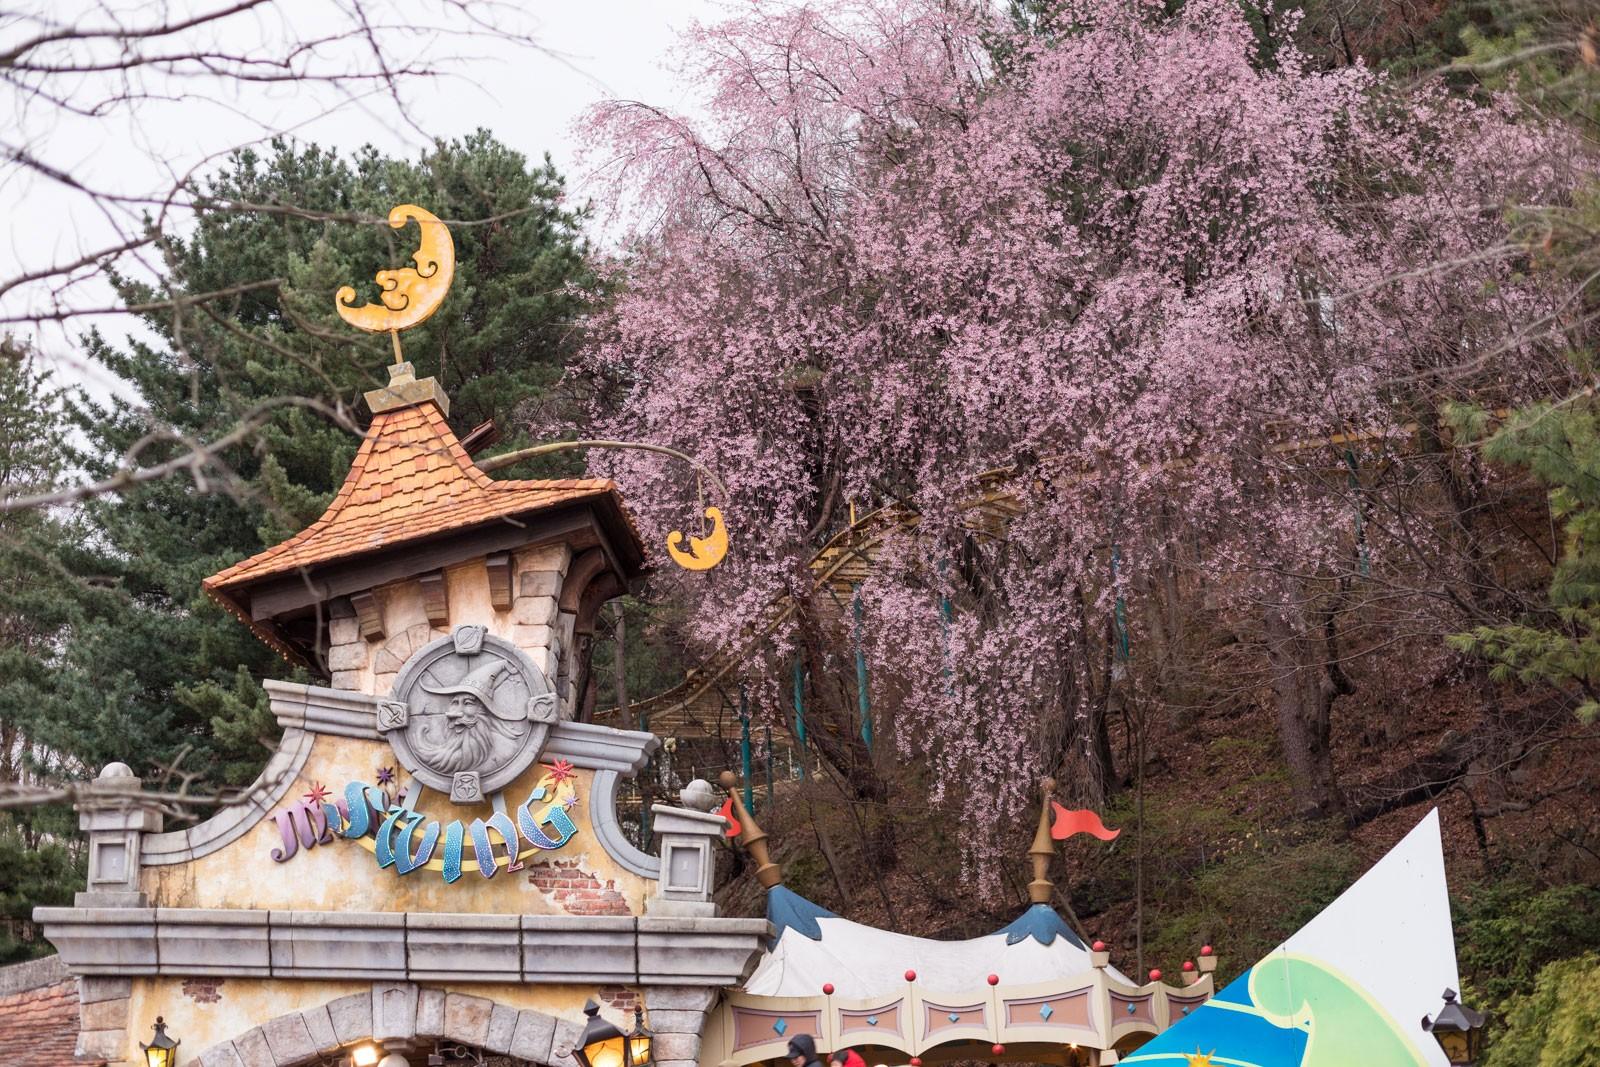 everland, ninaah bulles, corée du sud, parc d'atraction, korea, south korea, voyage, blog voyage, seoul